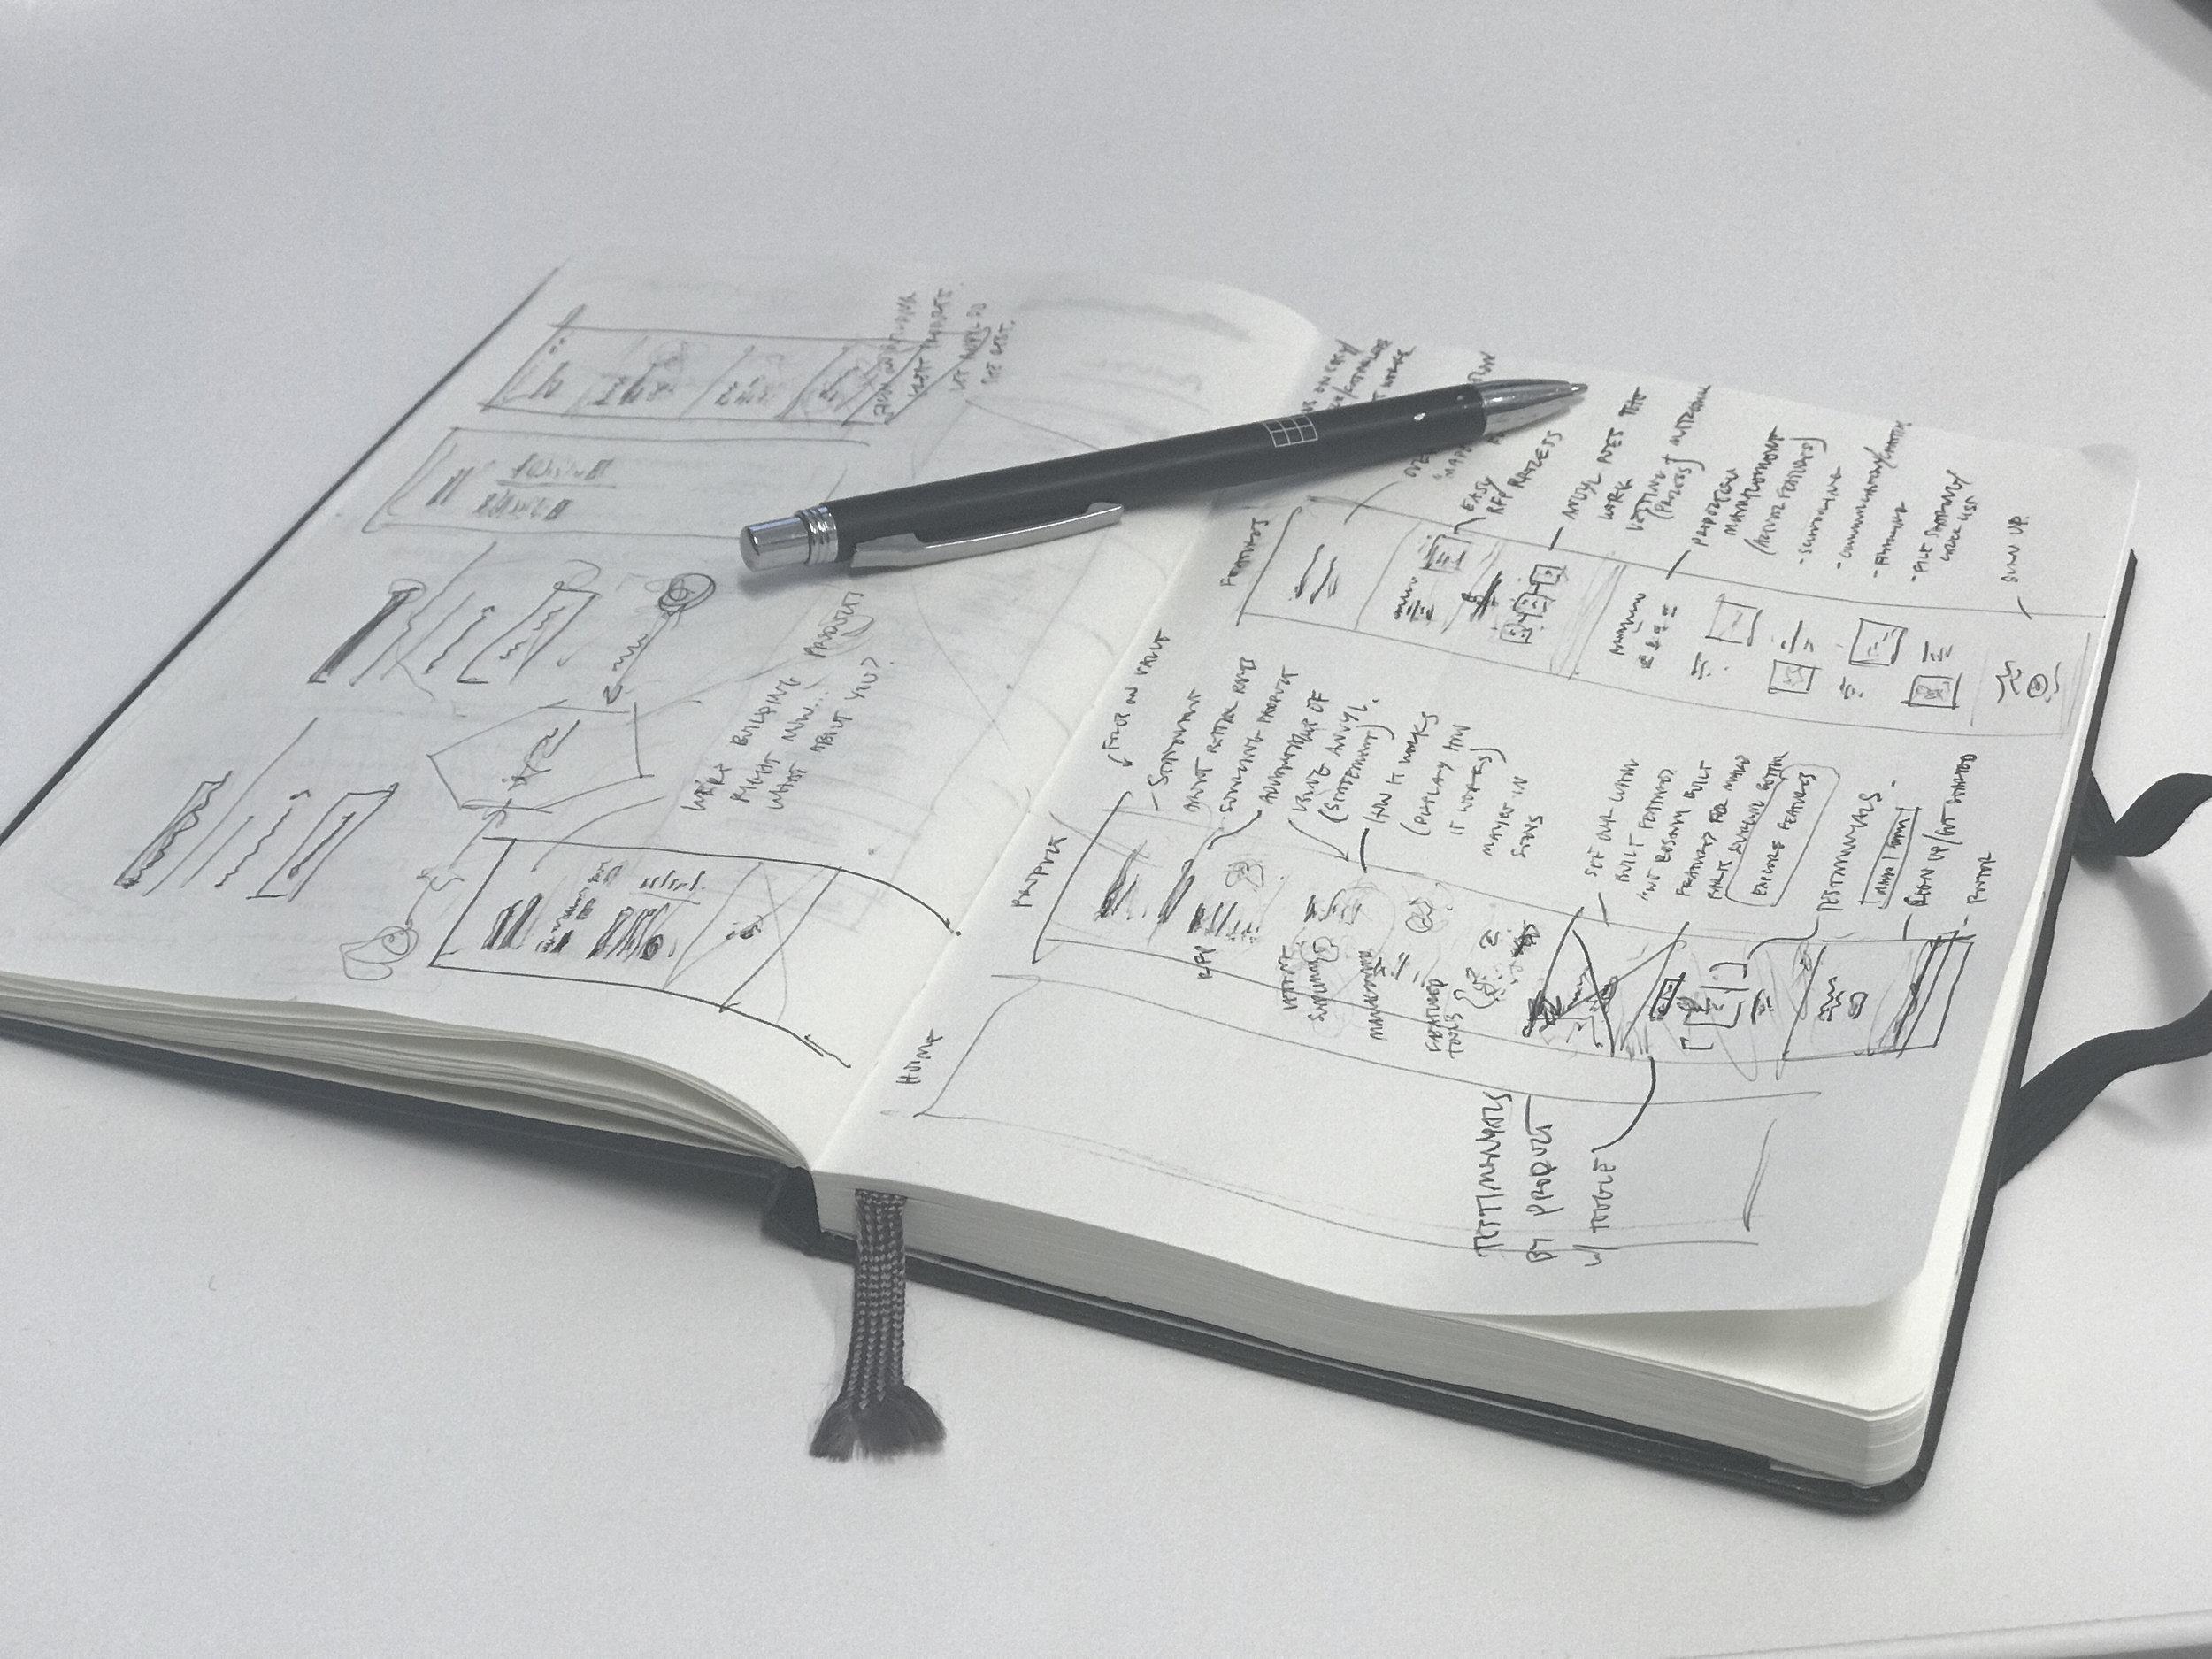 anvyl-homepage-sketch11-2.jpg